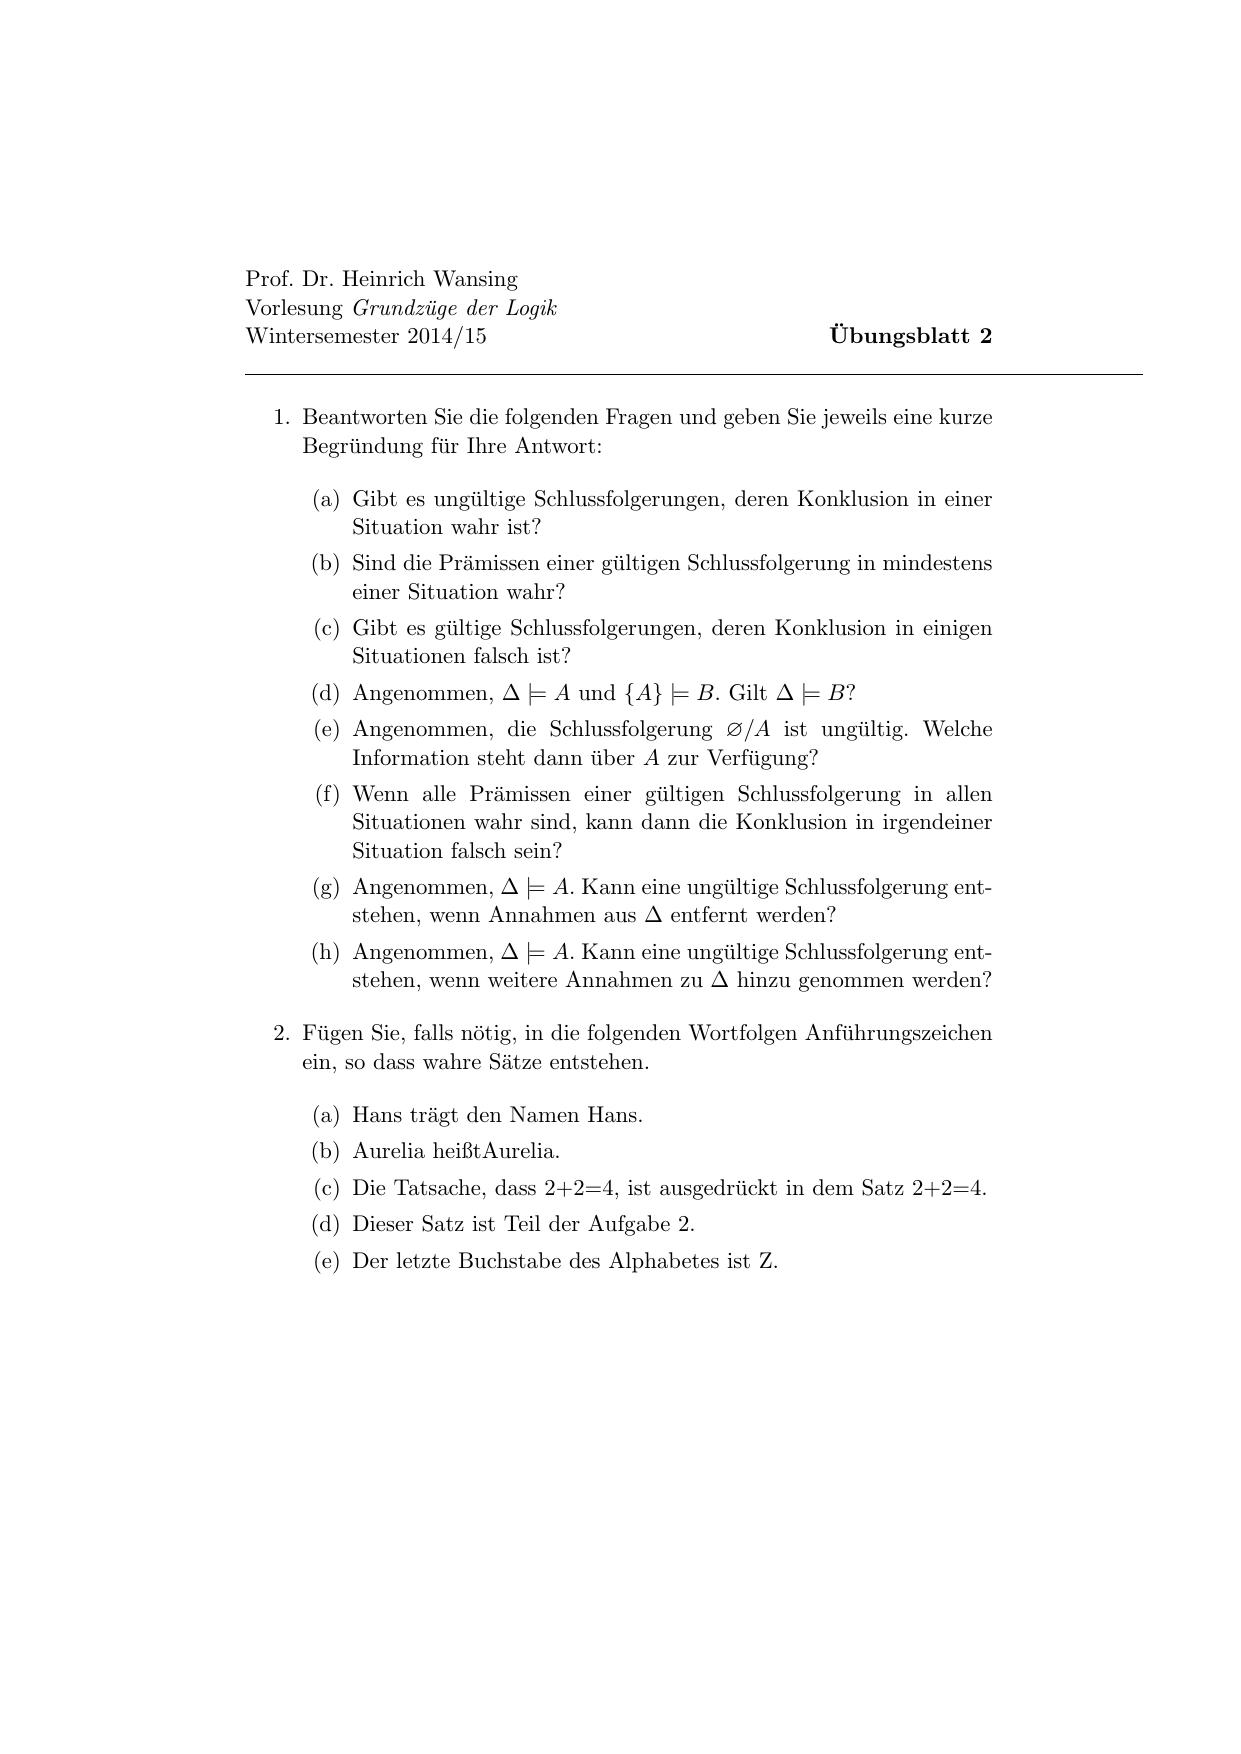 Funky Schlussfolgerungen Arbeitsblatt 2 Antworten Images ...